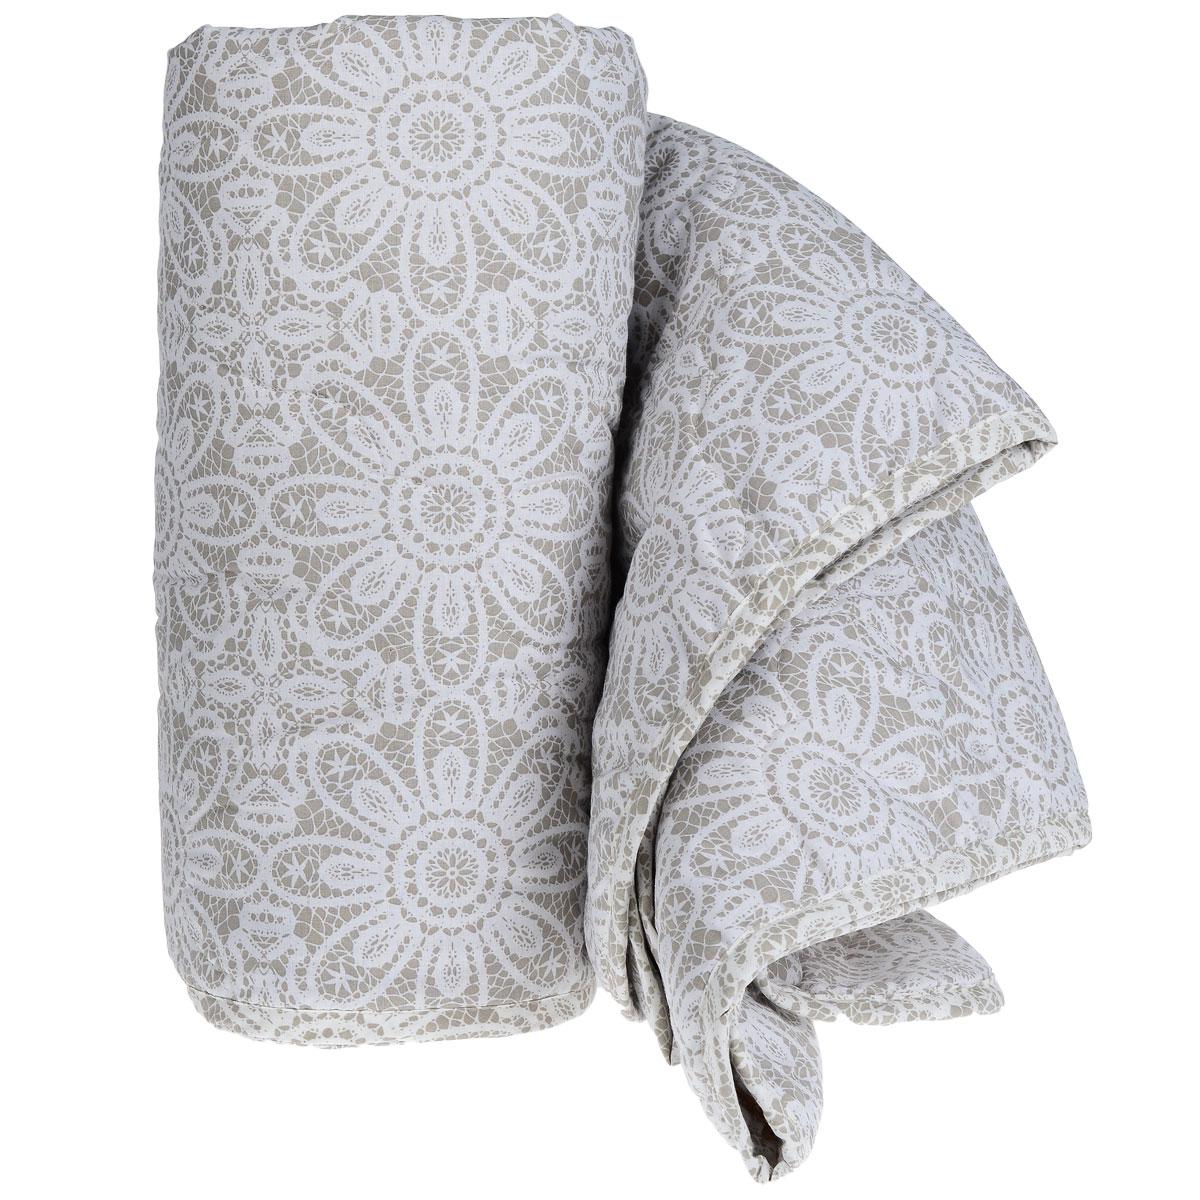 Одеяло летнее Green Line, наполнитель: льняное волокно, 140 см х 205 см